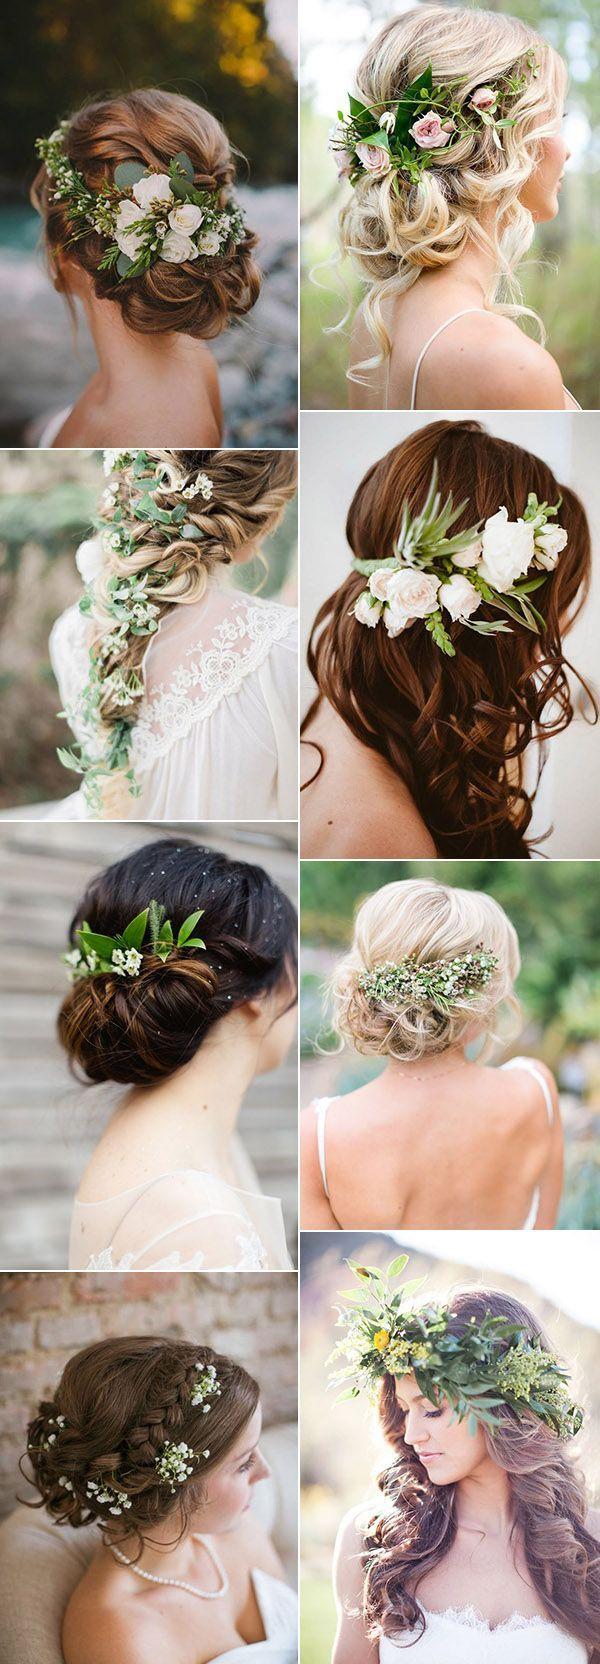 bohemian wedding ideas - diy boho chic wedding | perfect wedding